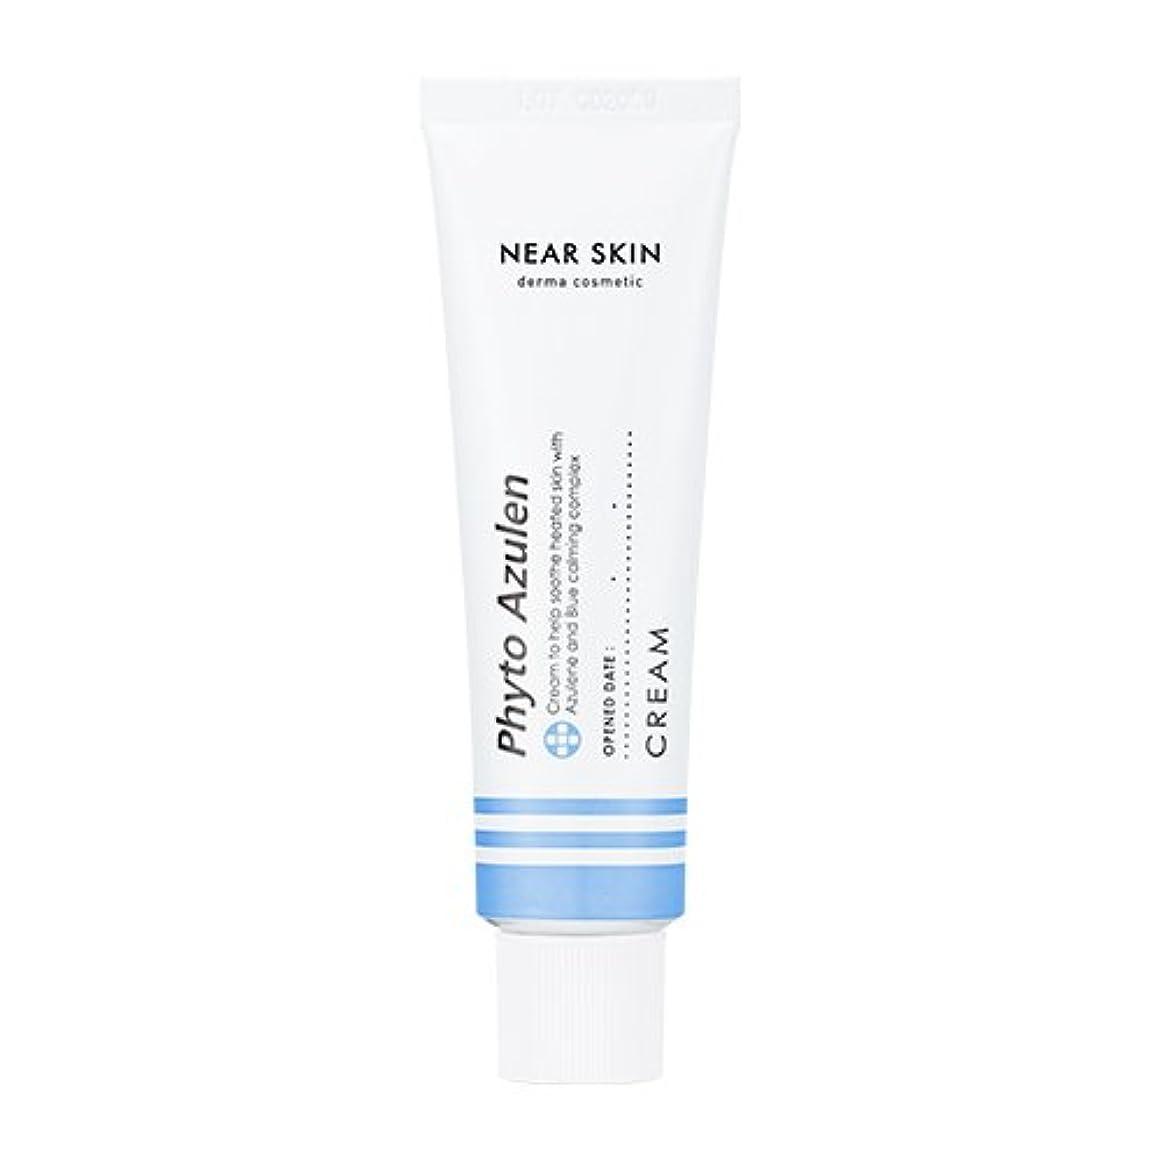 ますます貨物壮大MISSHA [NEAR SKIN] Phyto Azulen Cream/ミシャ ニアスキン フィトアズレンクリーム 50ml [並行輸入品]